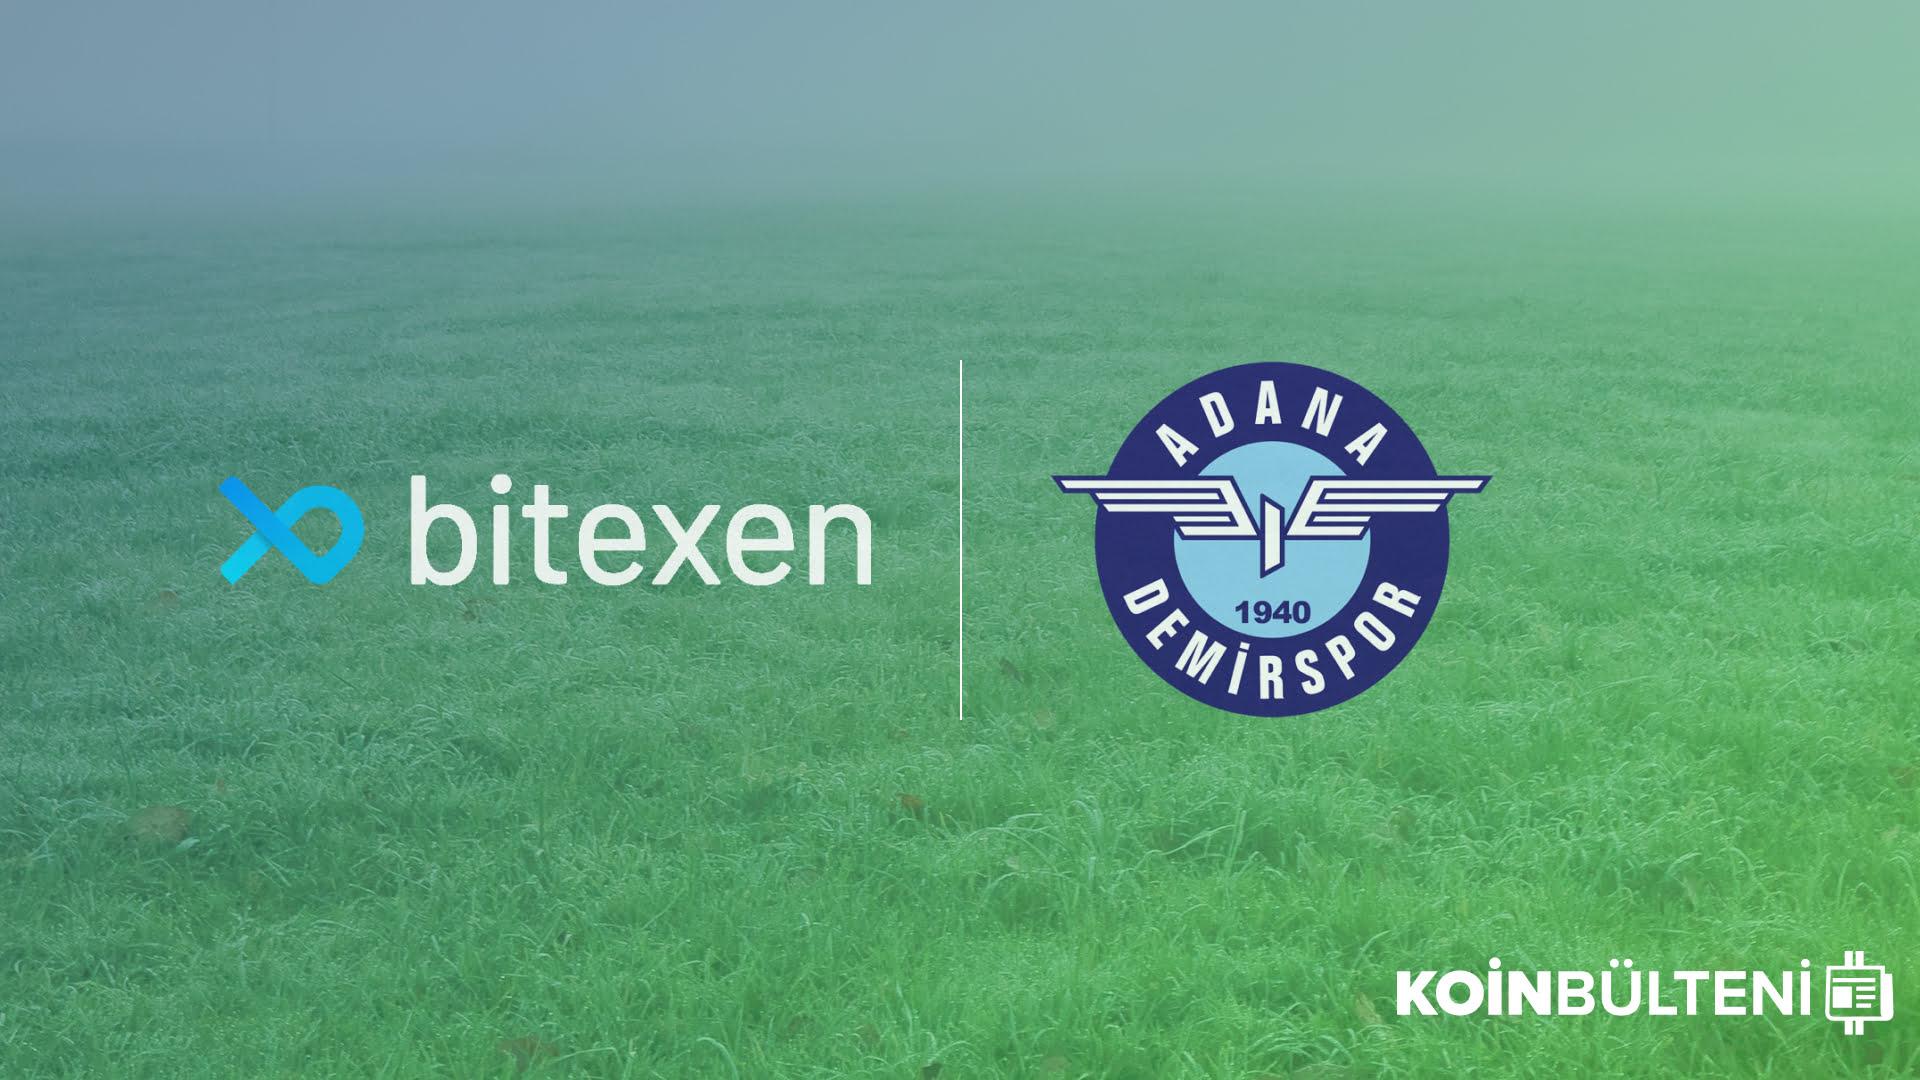 bitexen-teknoloji-exen-adana-demirspor